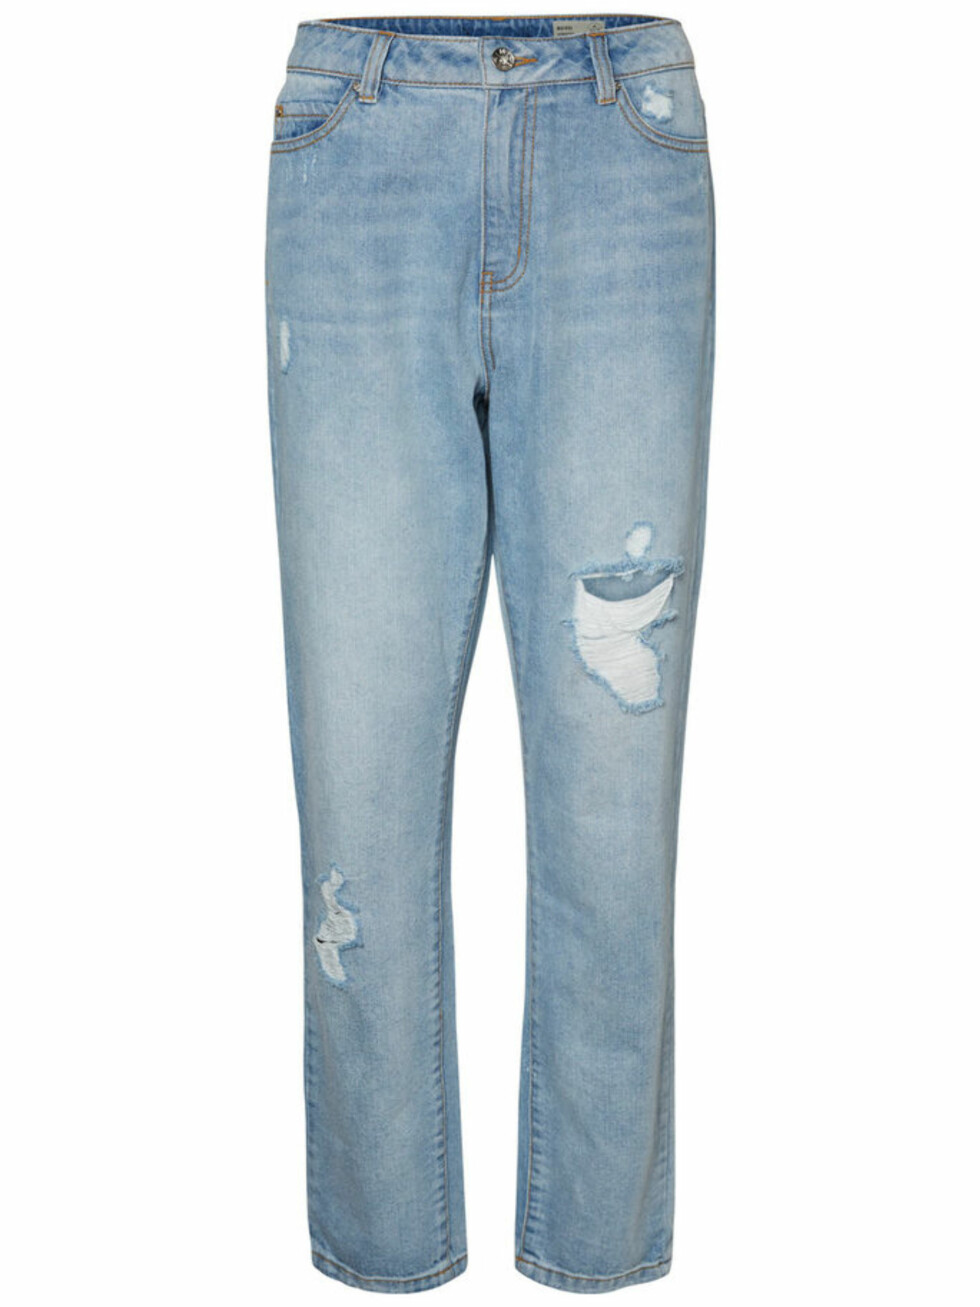 Jeans fra Vero Moda |400,-| https://www.veromoda.com/no/no/vm/kjoep-etter-kategori/jeans/anna-nw-ankle-straight-fit-jeans-10196456.html?cgid=vm-jeans&dwvar_colorPattern=10196456_LightBlueDenim